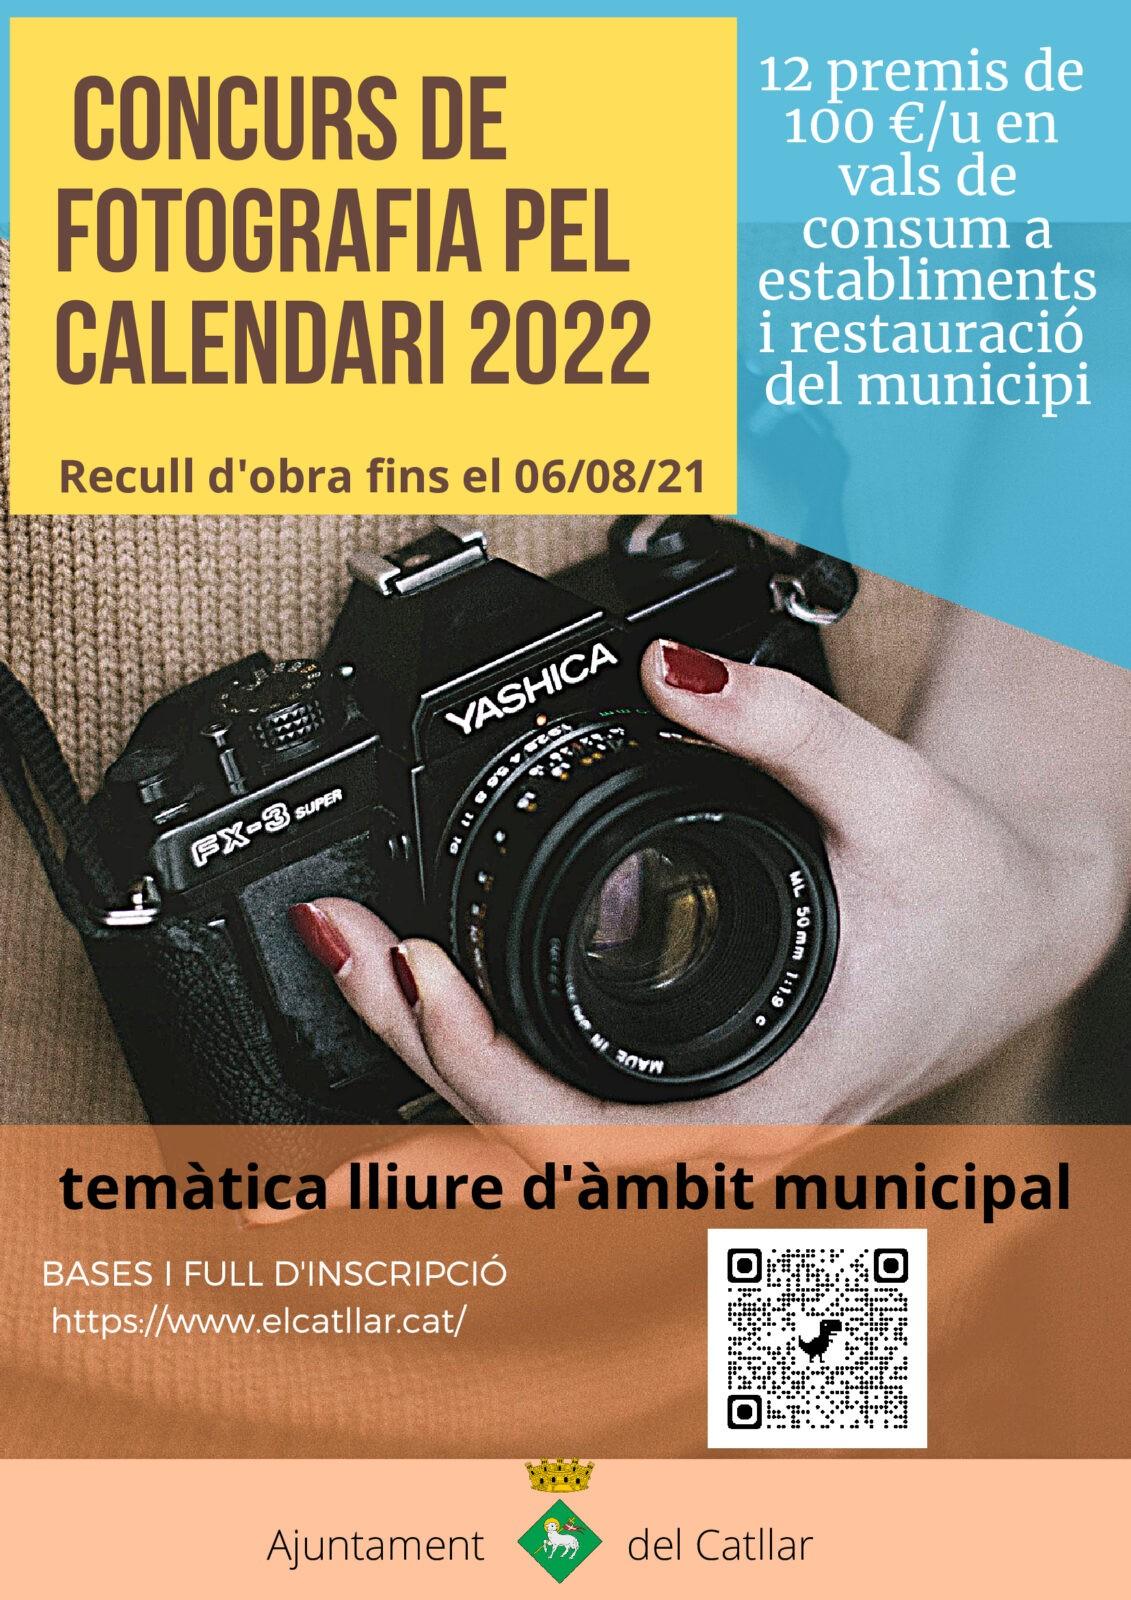 RESULTADO DEL CONCURSO DE FOTOGRAFIA PARA EL CALENDARIO 2022